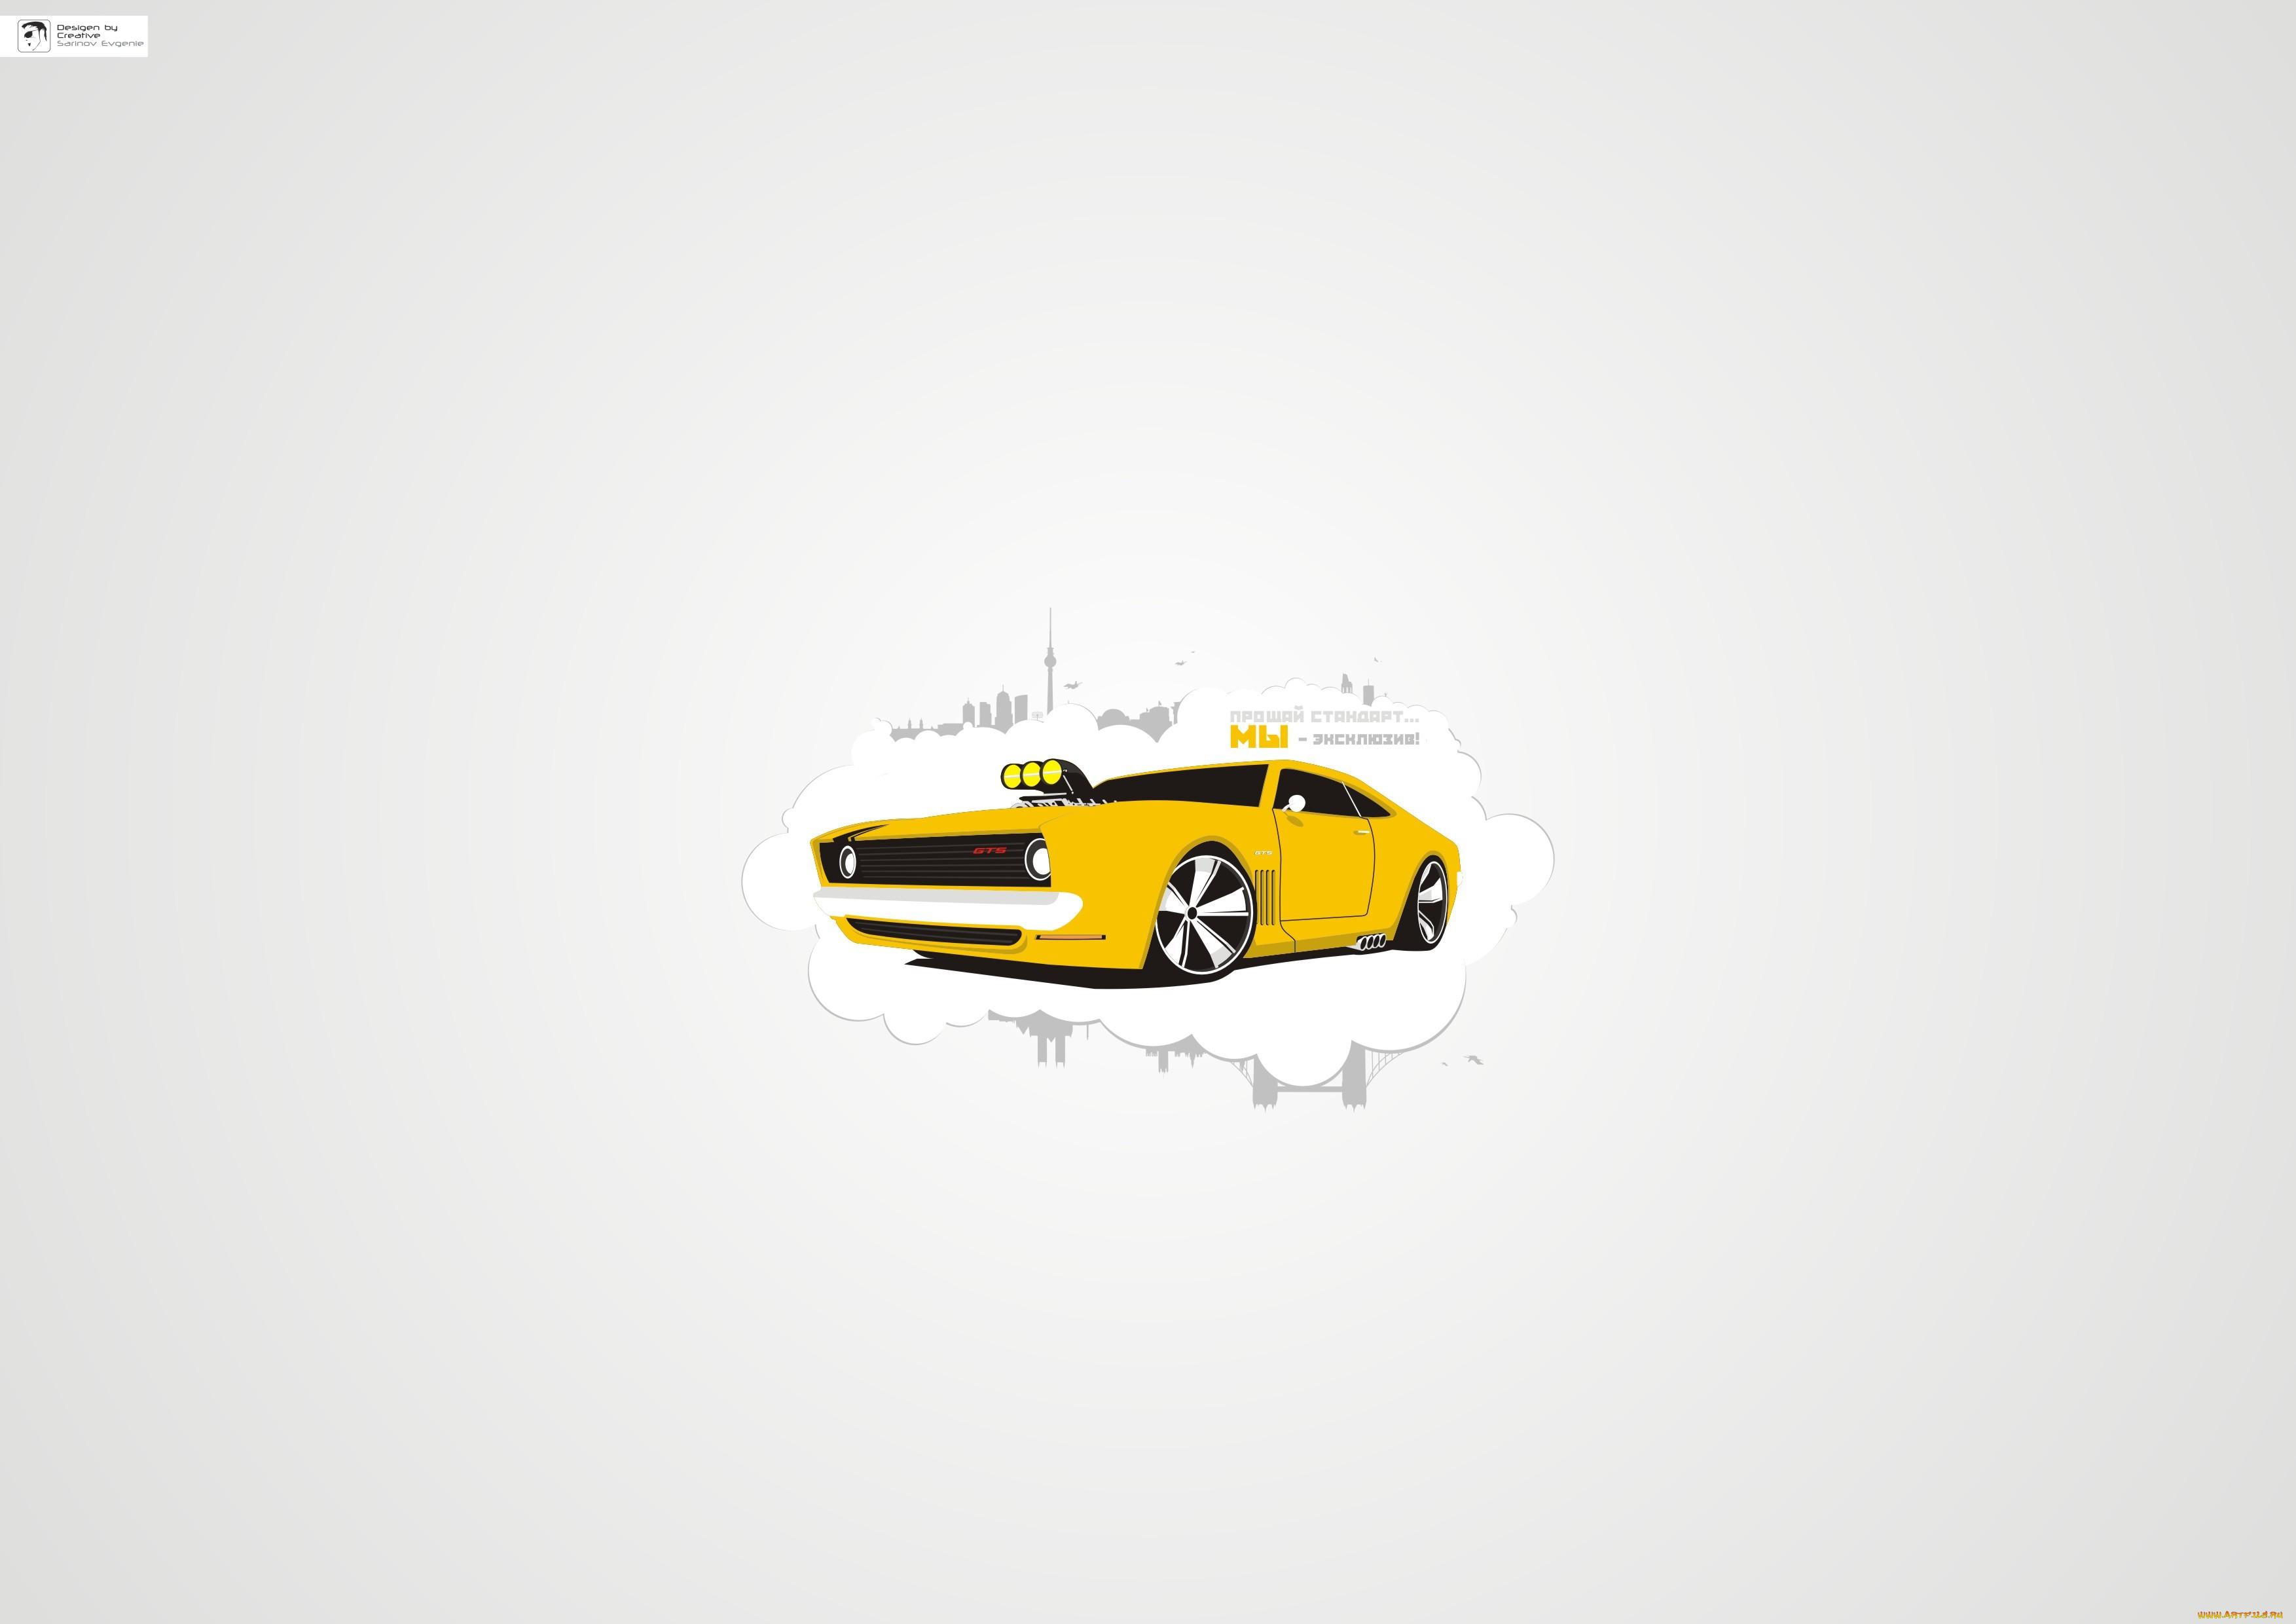 картинки минимализм машины счастью